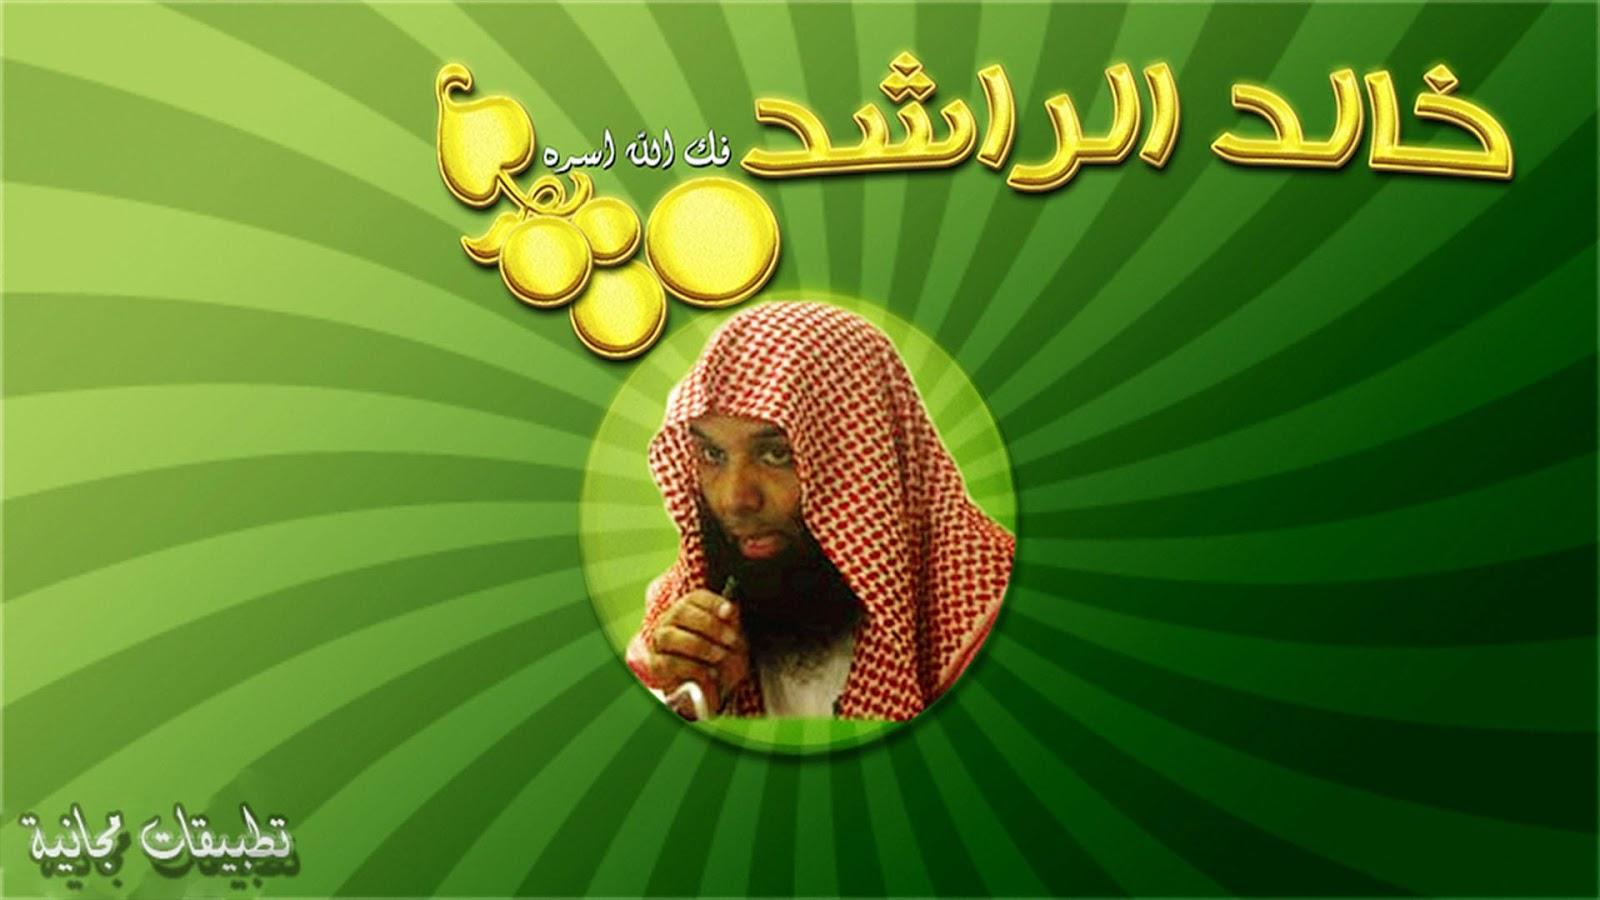 تحميل محاضرات الشيخ خالد الراشد mp3